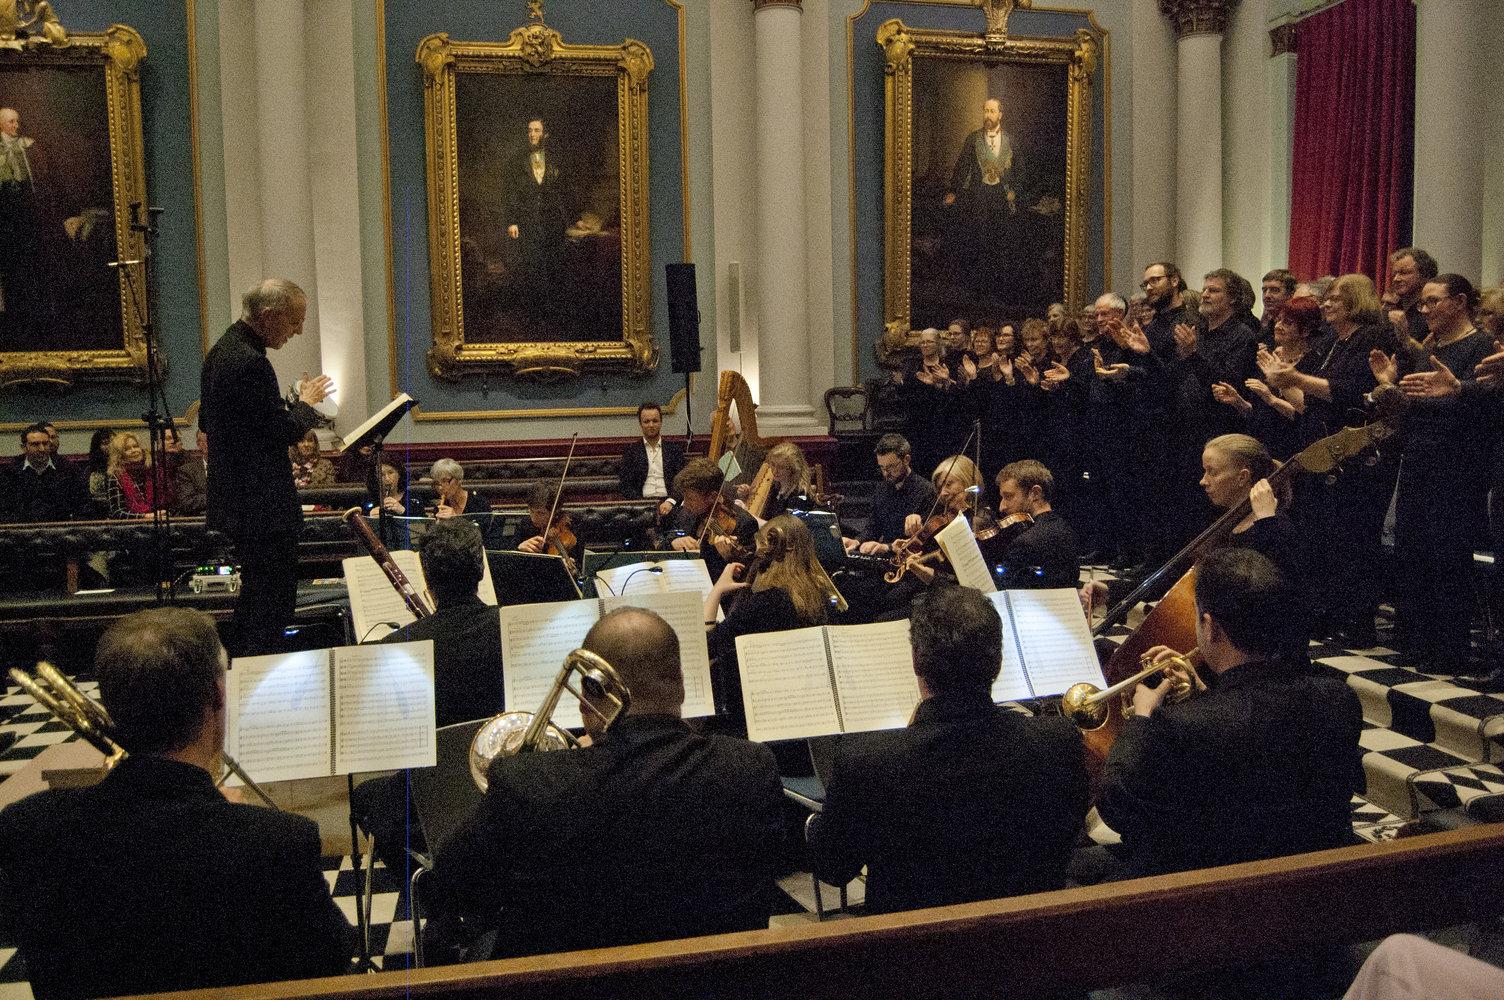 rsz 4 goethe choir freemasons hall